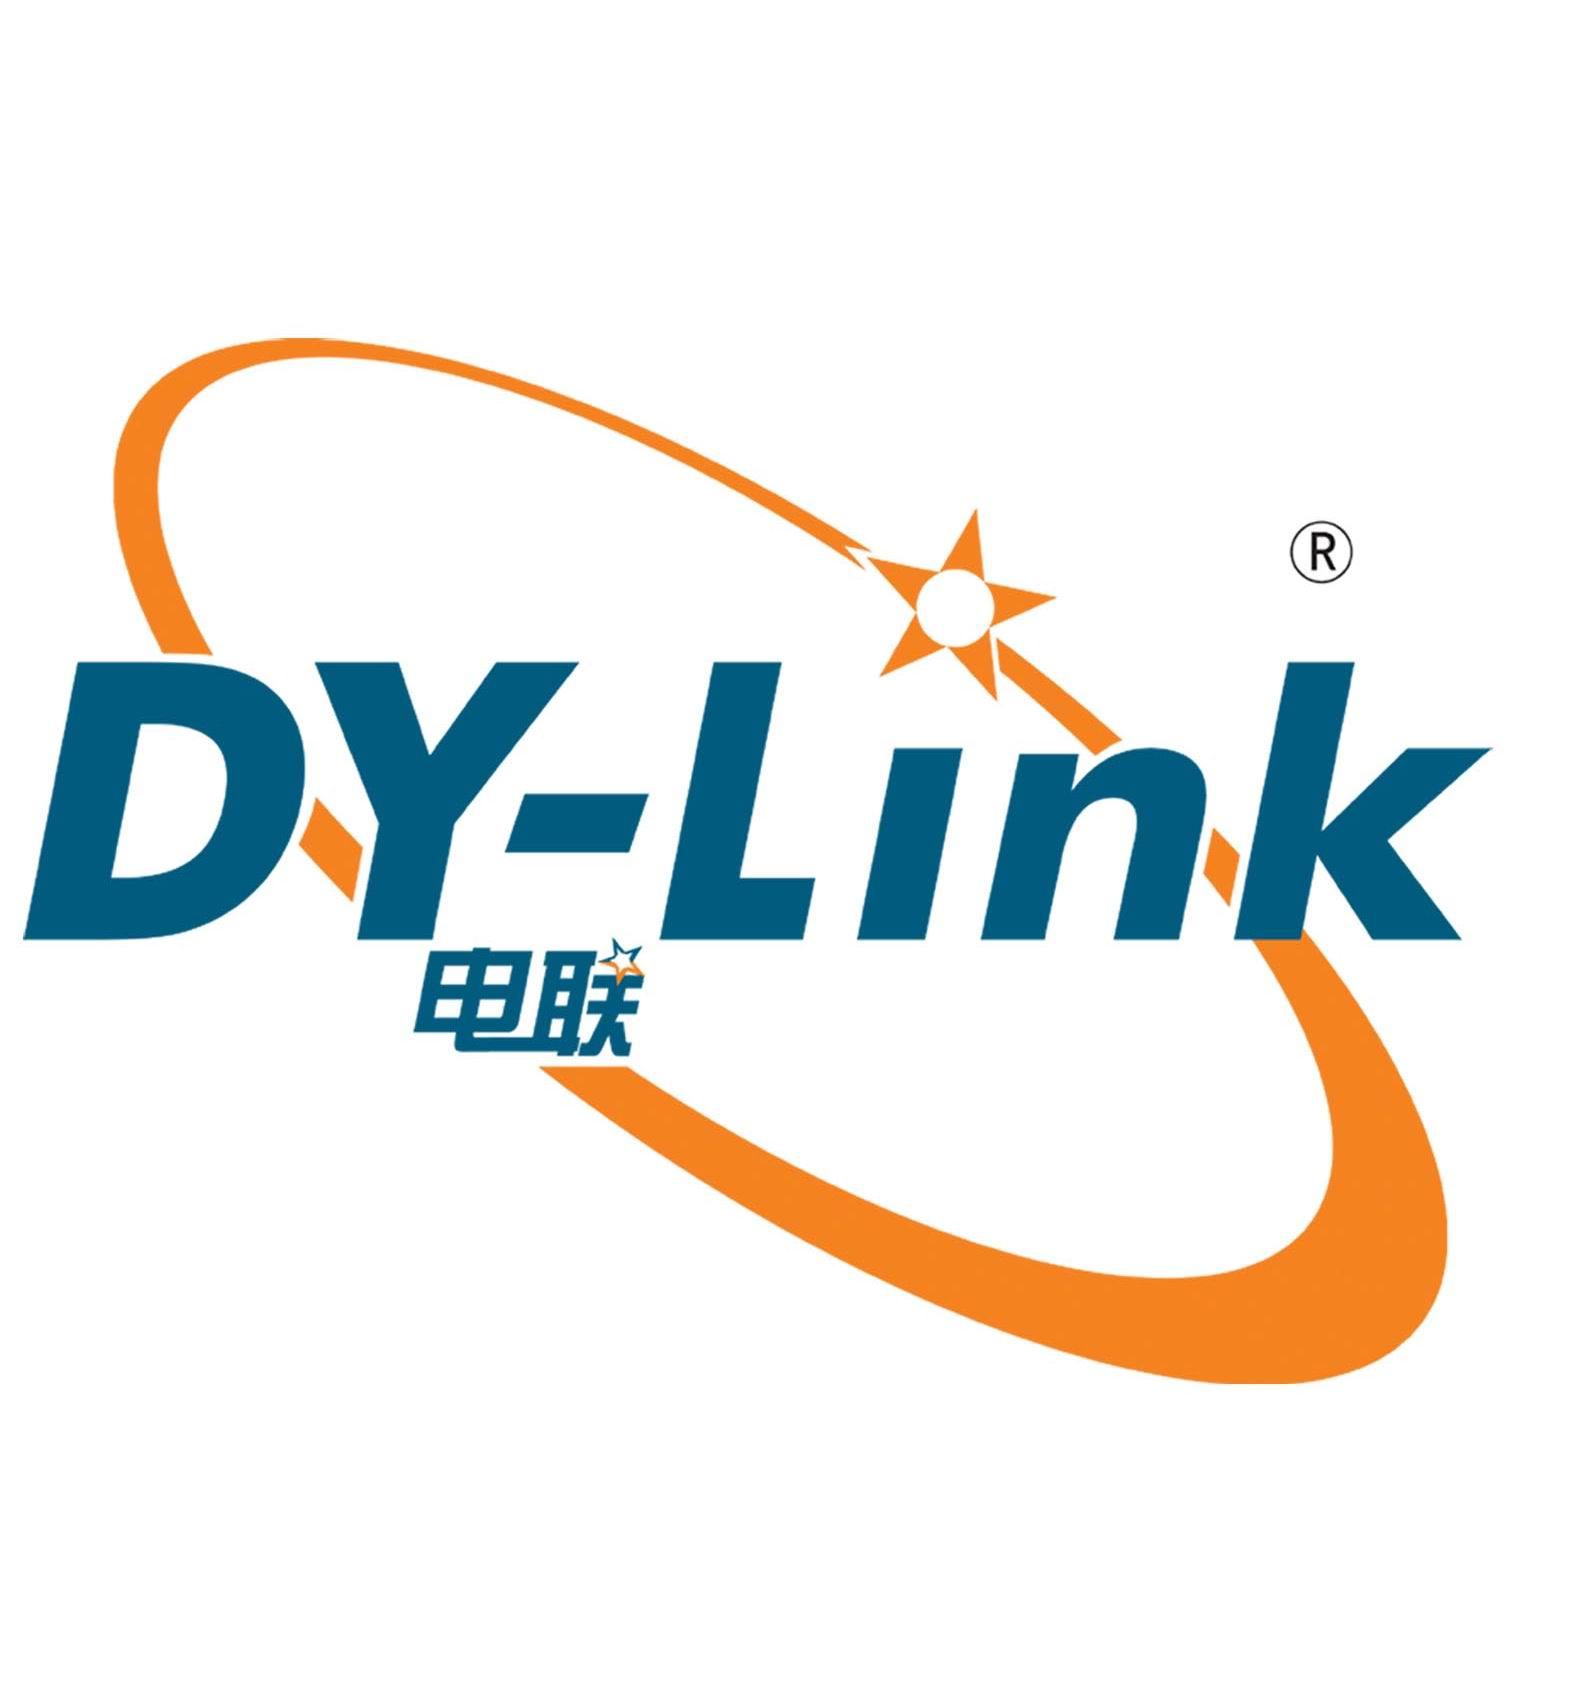 logo logo 标志 设计 矢量 矢量图 素材 图标 1575_1687